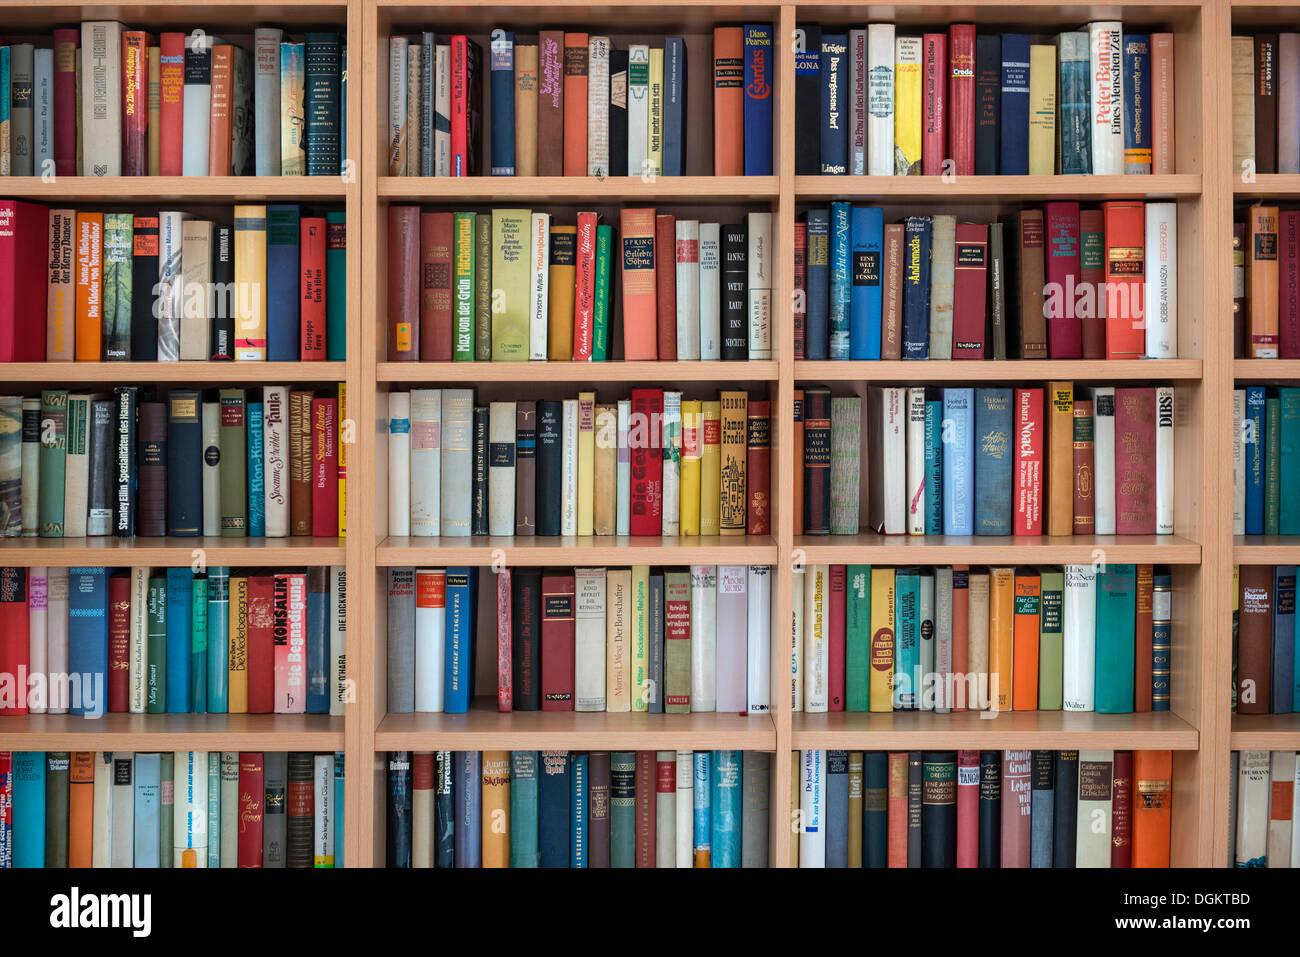 Full Bookshelves German Books Stock Photo 61901825 Alamy